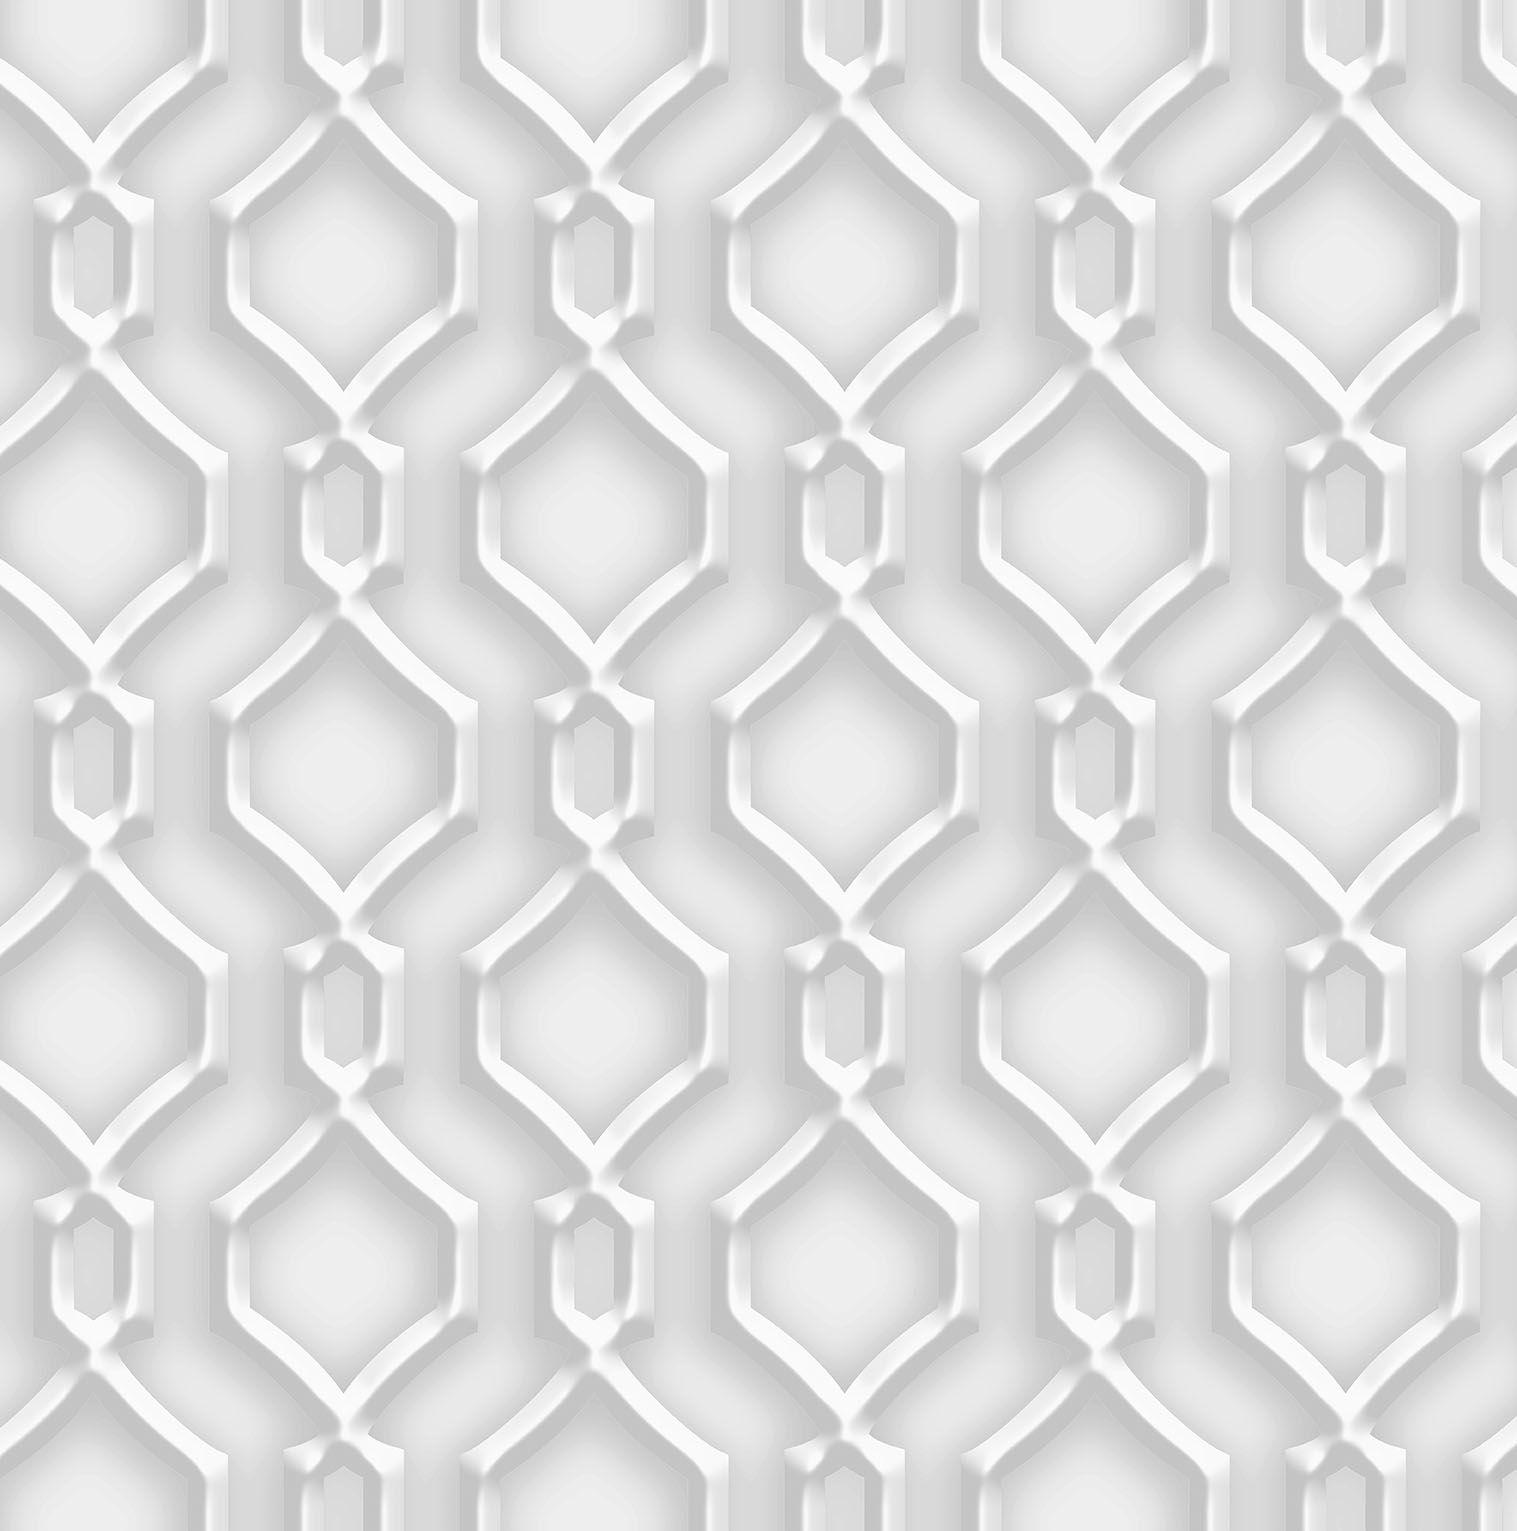 Papel de parede Bobinex  Vinílico Coleção Dimensões Geométrico Alhambra Cinza, Marfim